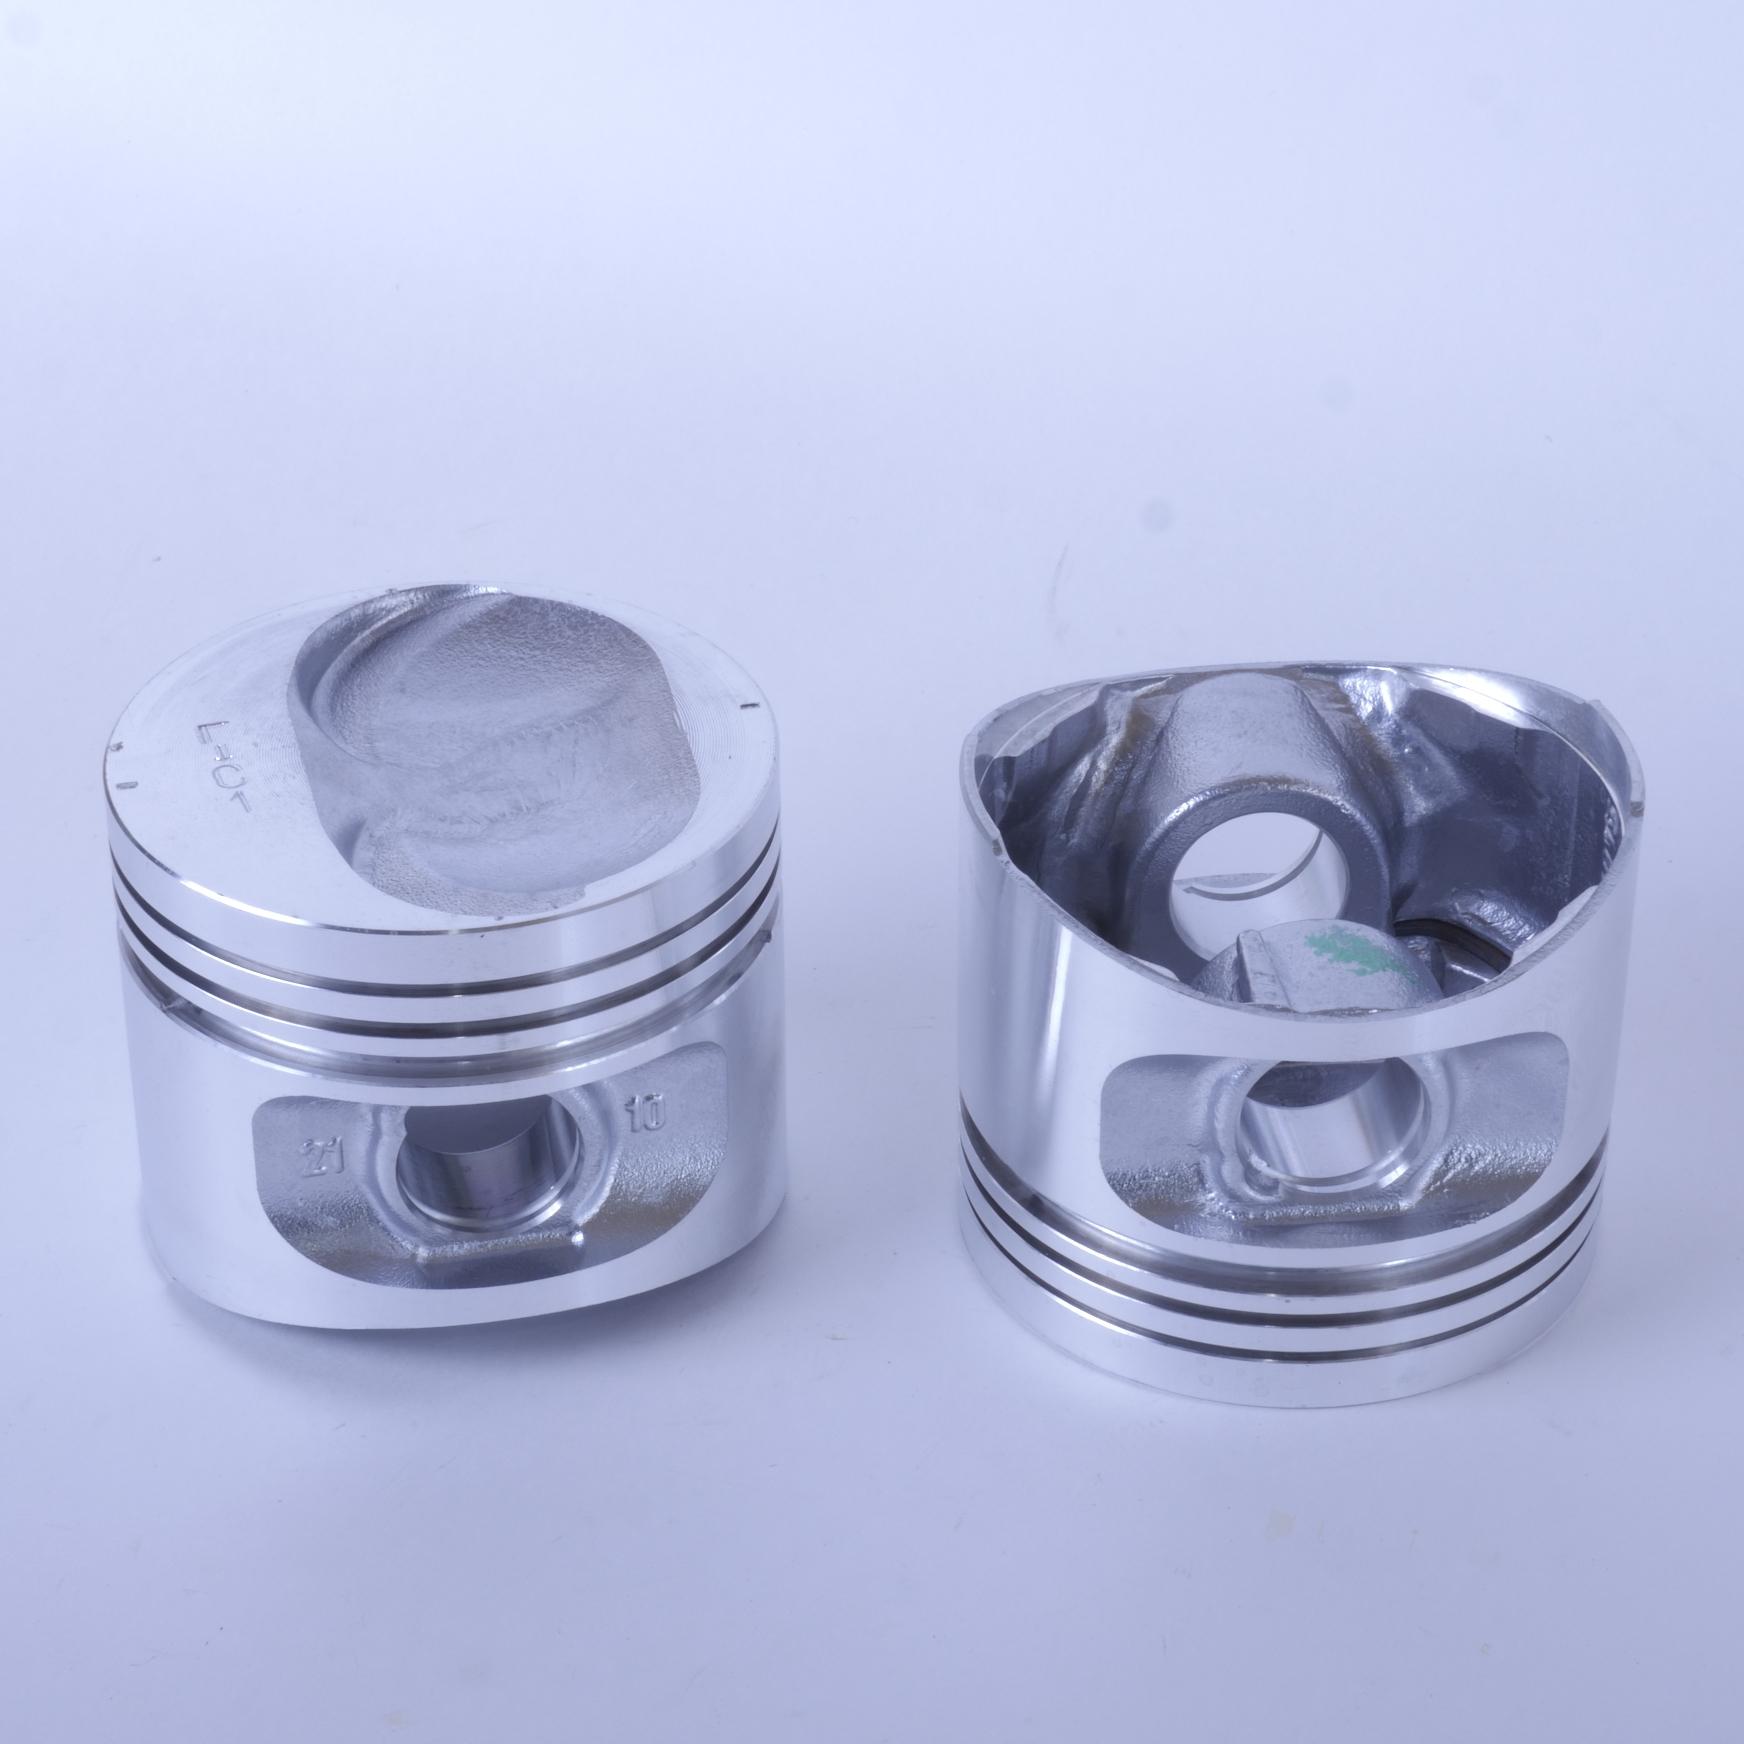 Комплект поршней ВАЗ-2108 … -2112 и LADA Samara (поршни+пальцы+поршневые кольца), основной размер (d=82,0) класс C